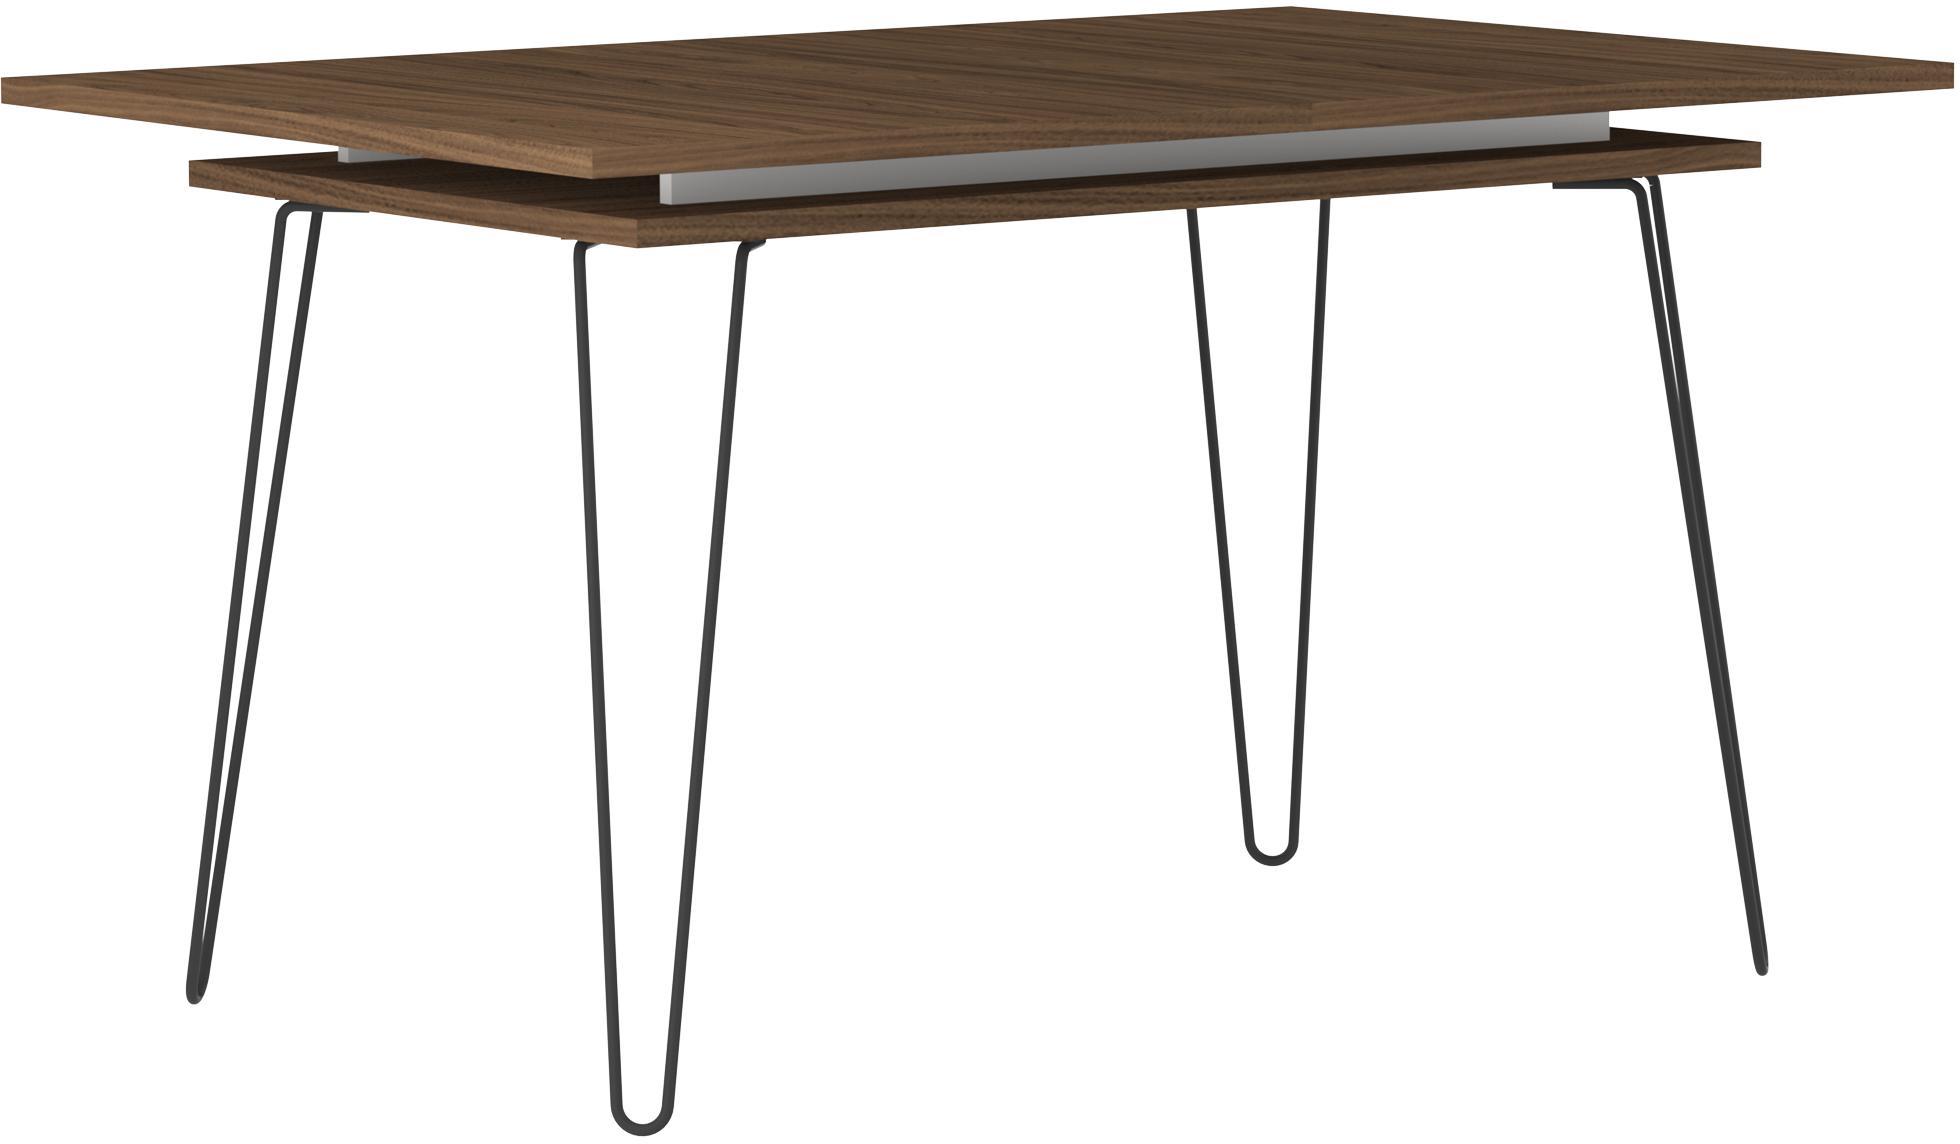 Tavolo allungabile Aero, Gambe: metallo verniciato, Legno di noce, Larg. 134 a 174 x Prof. 90 cm